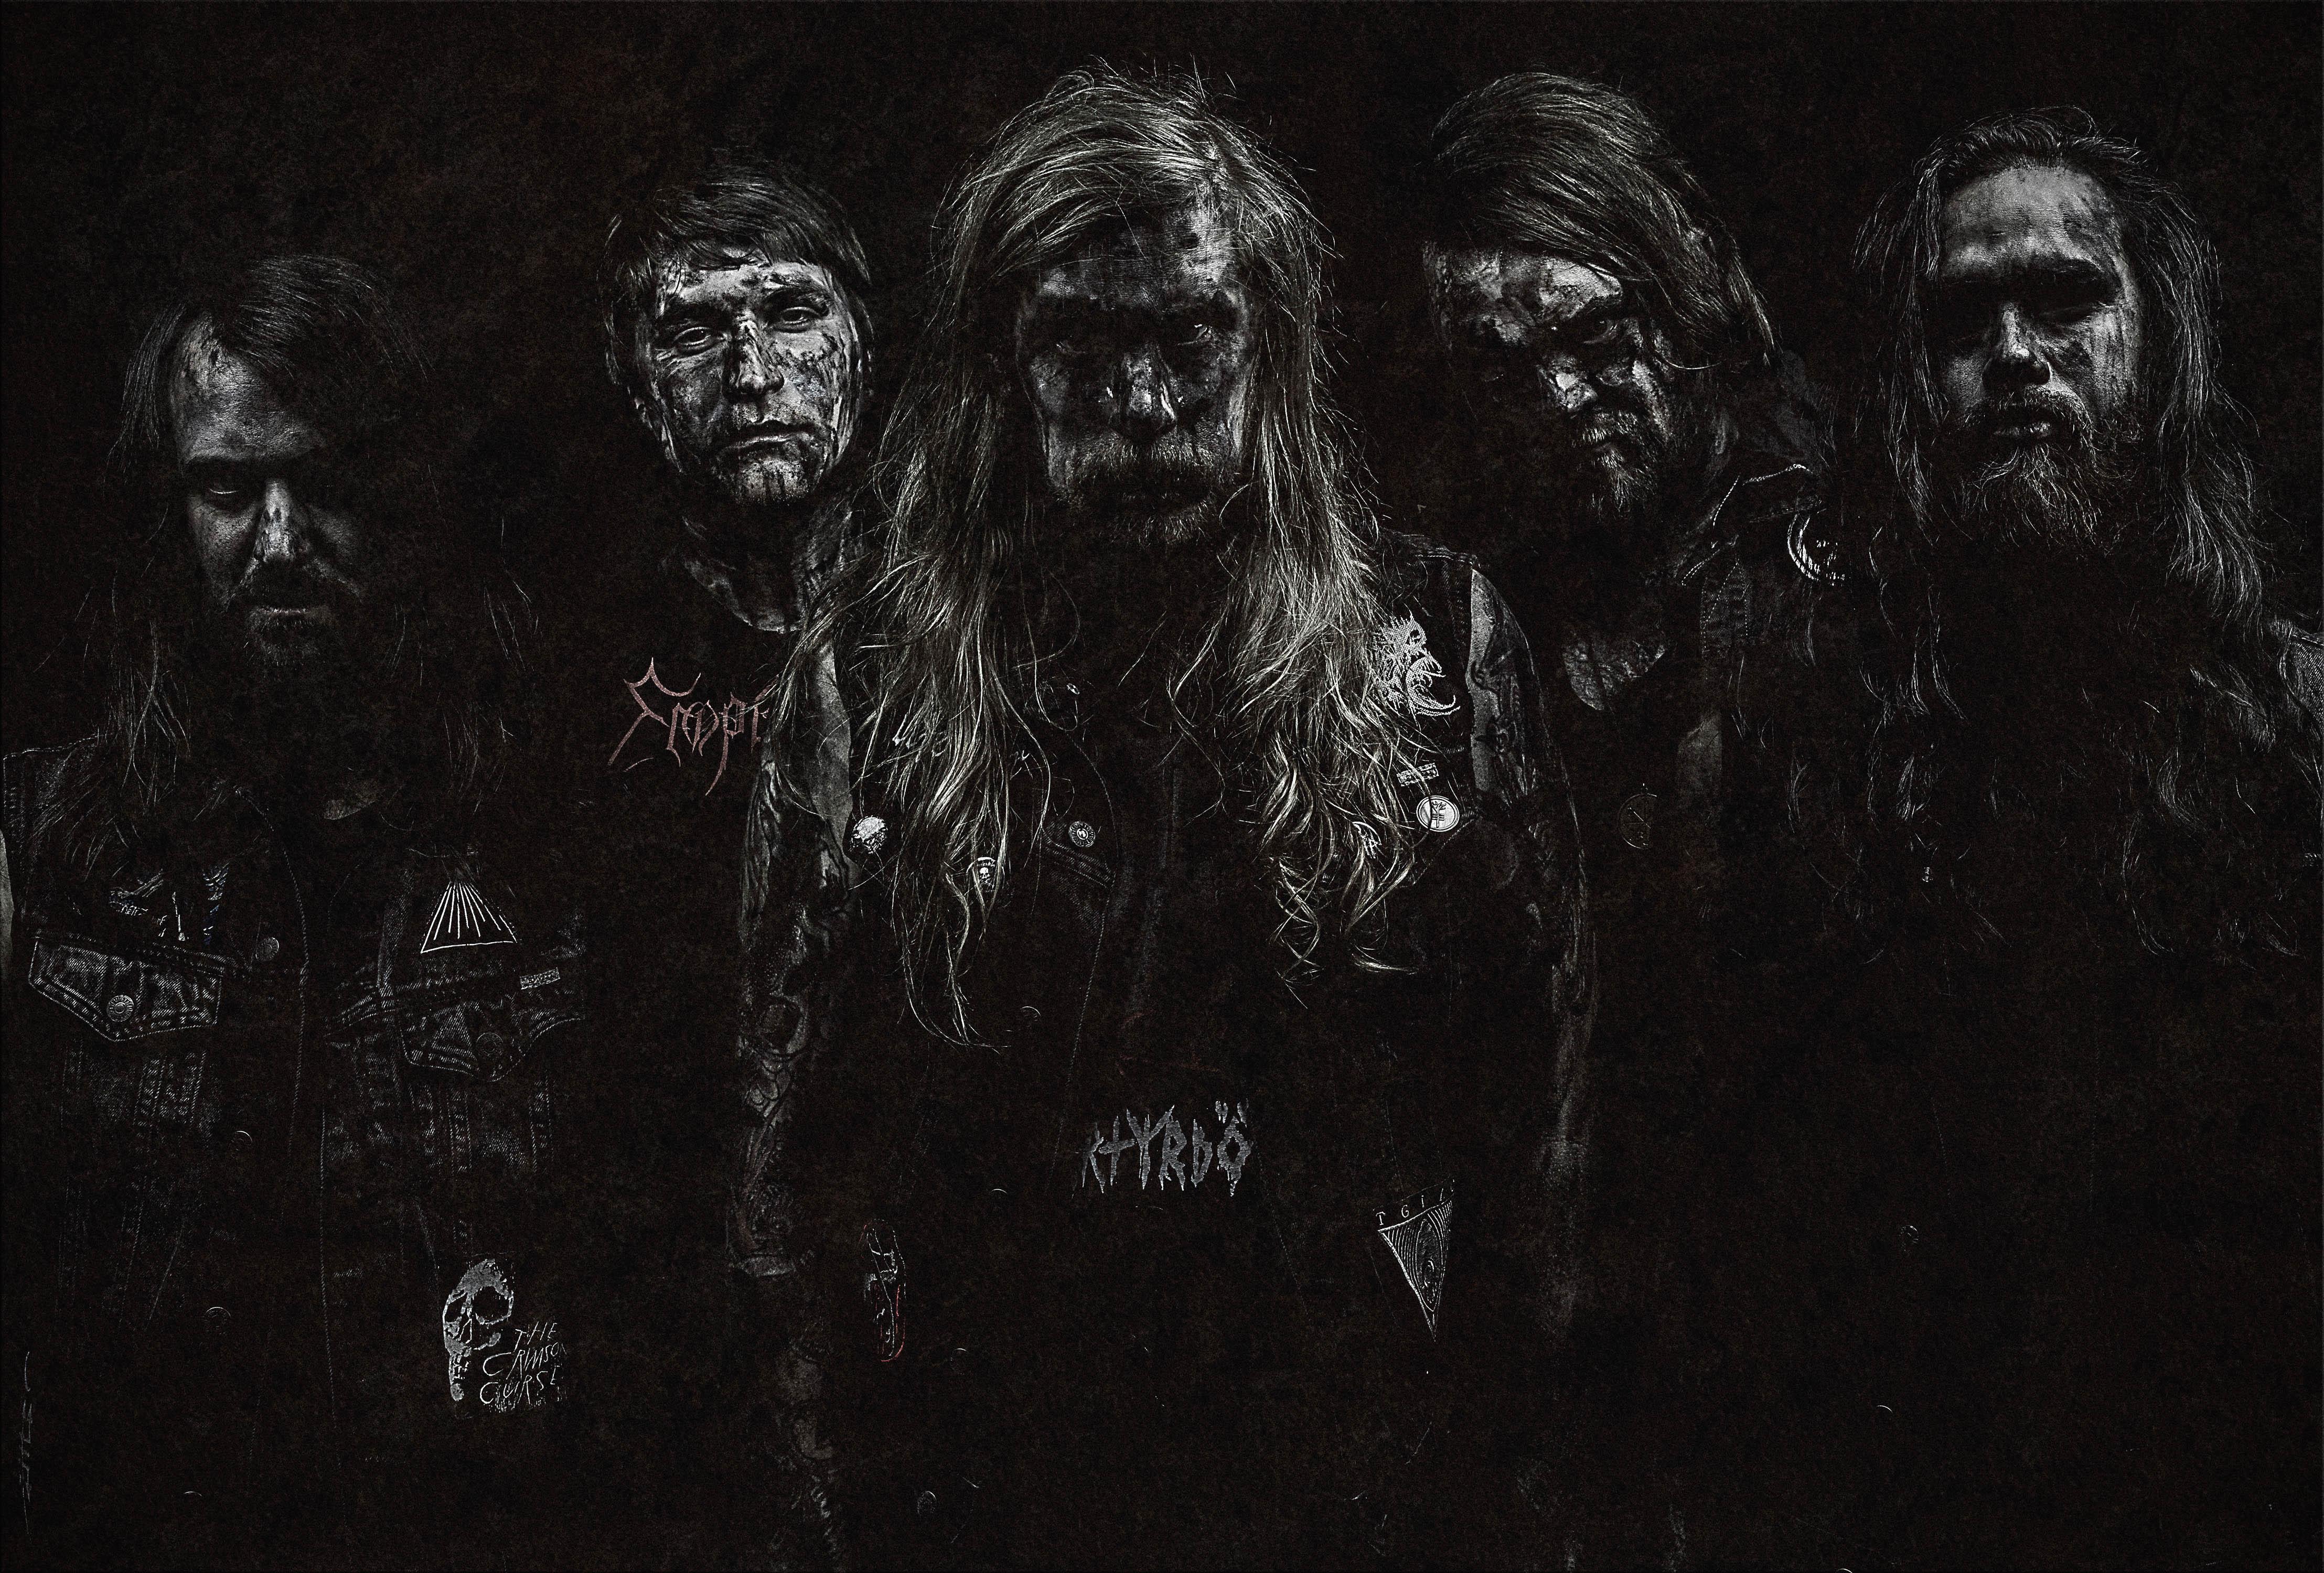 瑞典黑金 This Gift Is A Curse 發行新專輯A Throne of Ash 釋出三首新曲